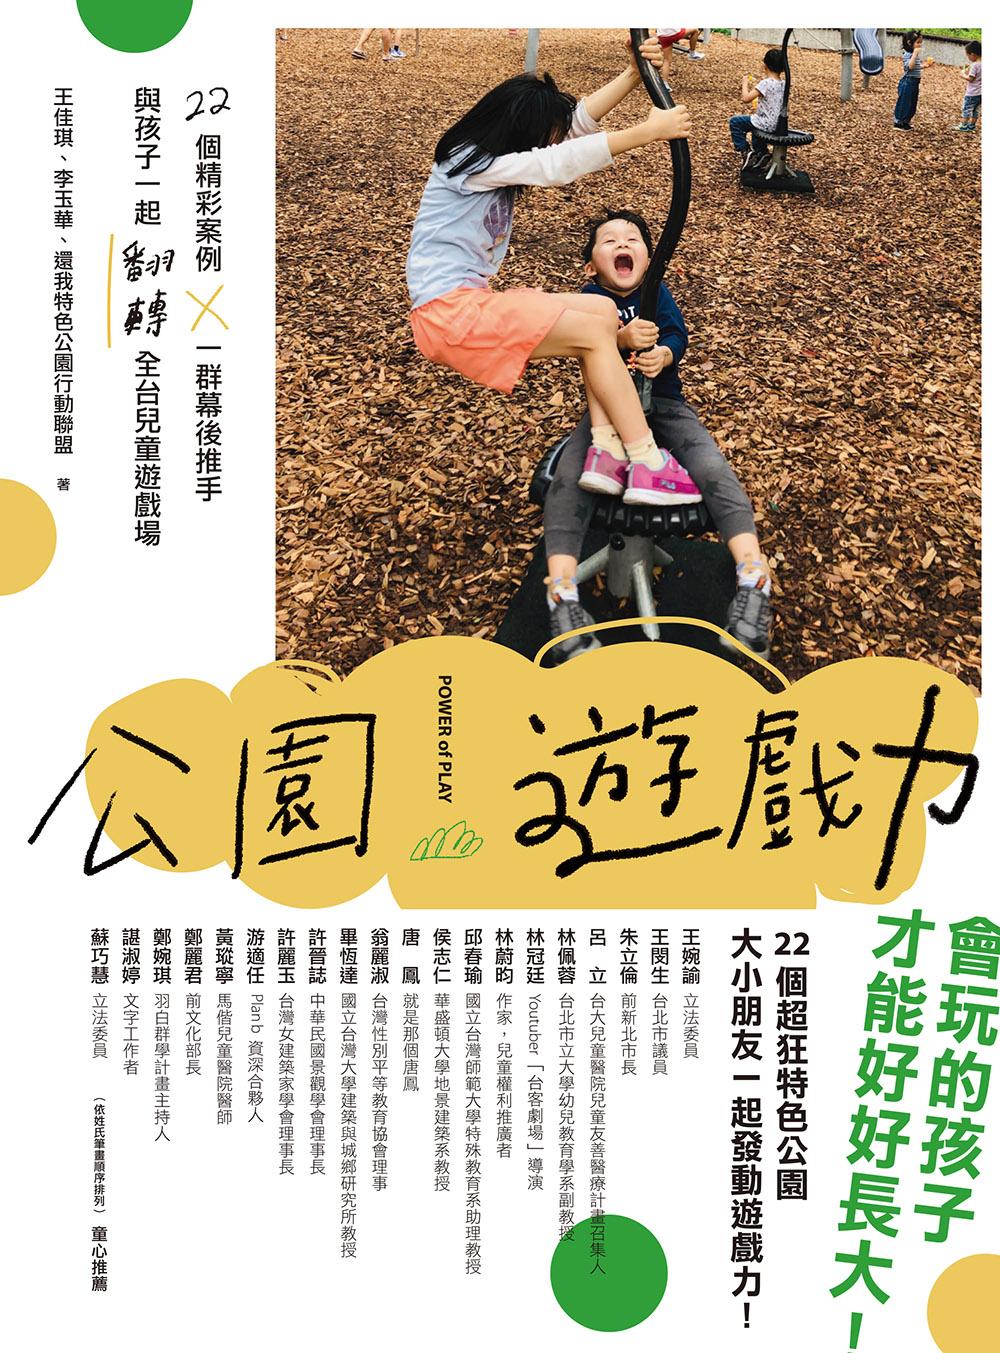 公園遊戲力:22個精彩案例 × 一群幕後推手,與孩子一起翻轉全台兒童遊戲場【電子書特別加值版】 (電子書)